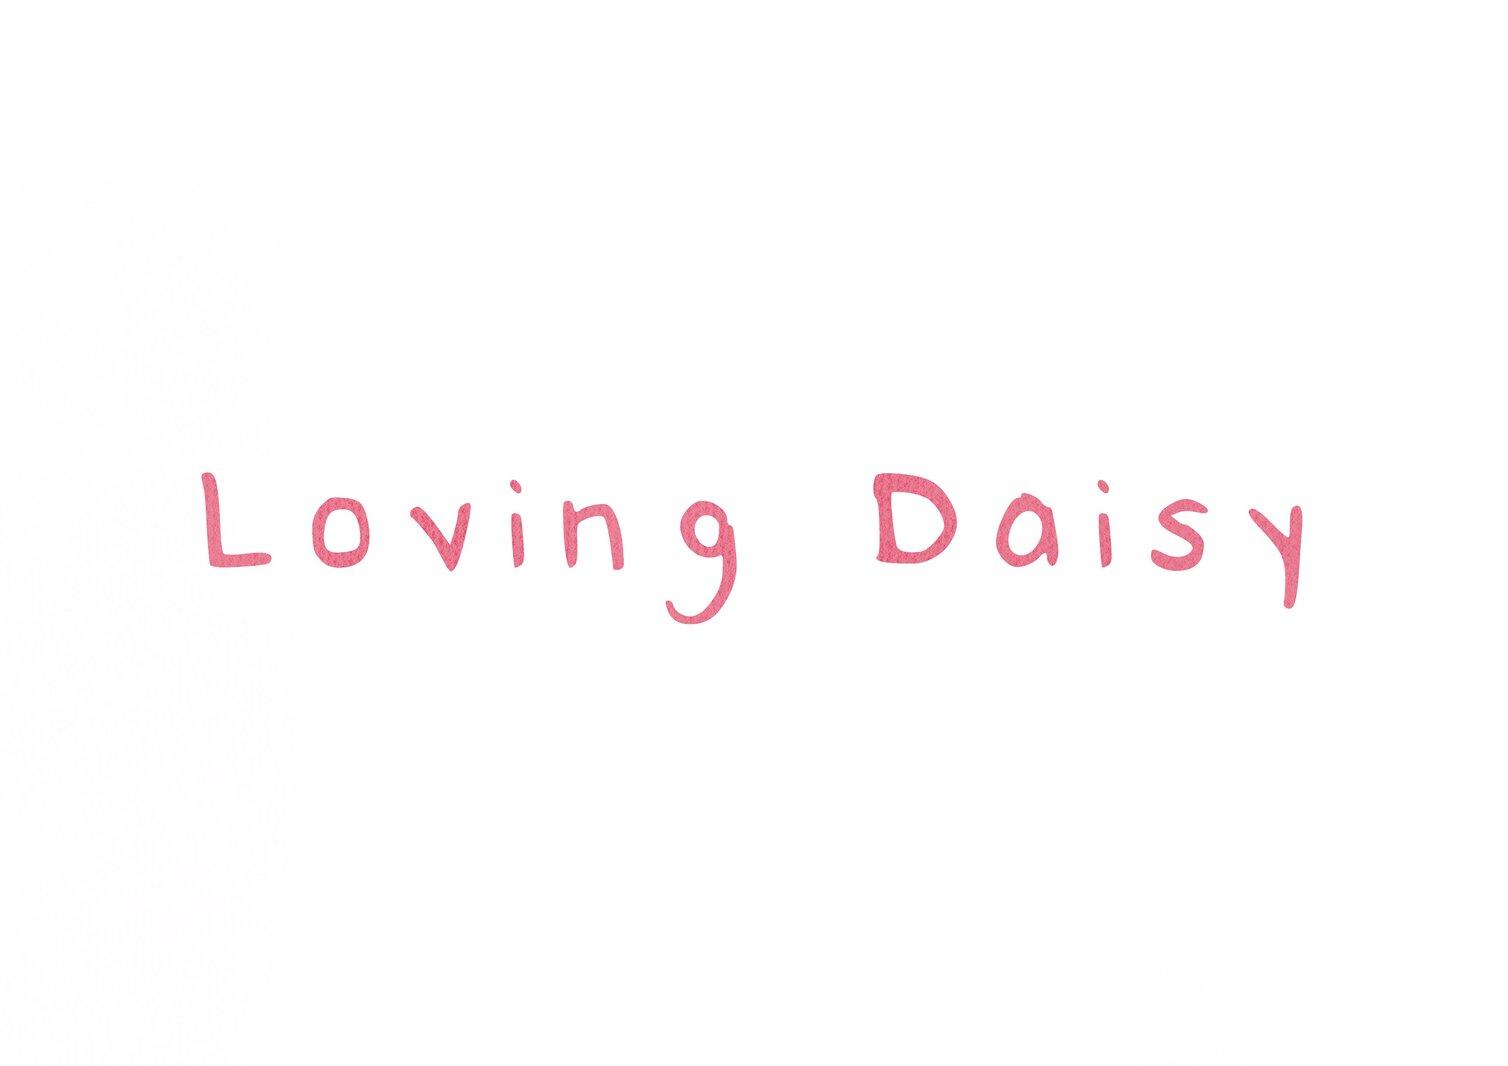 Loving Daisy